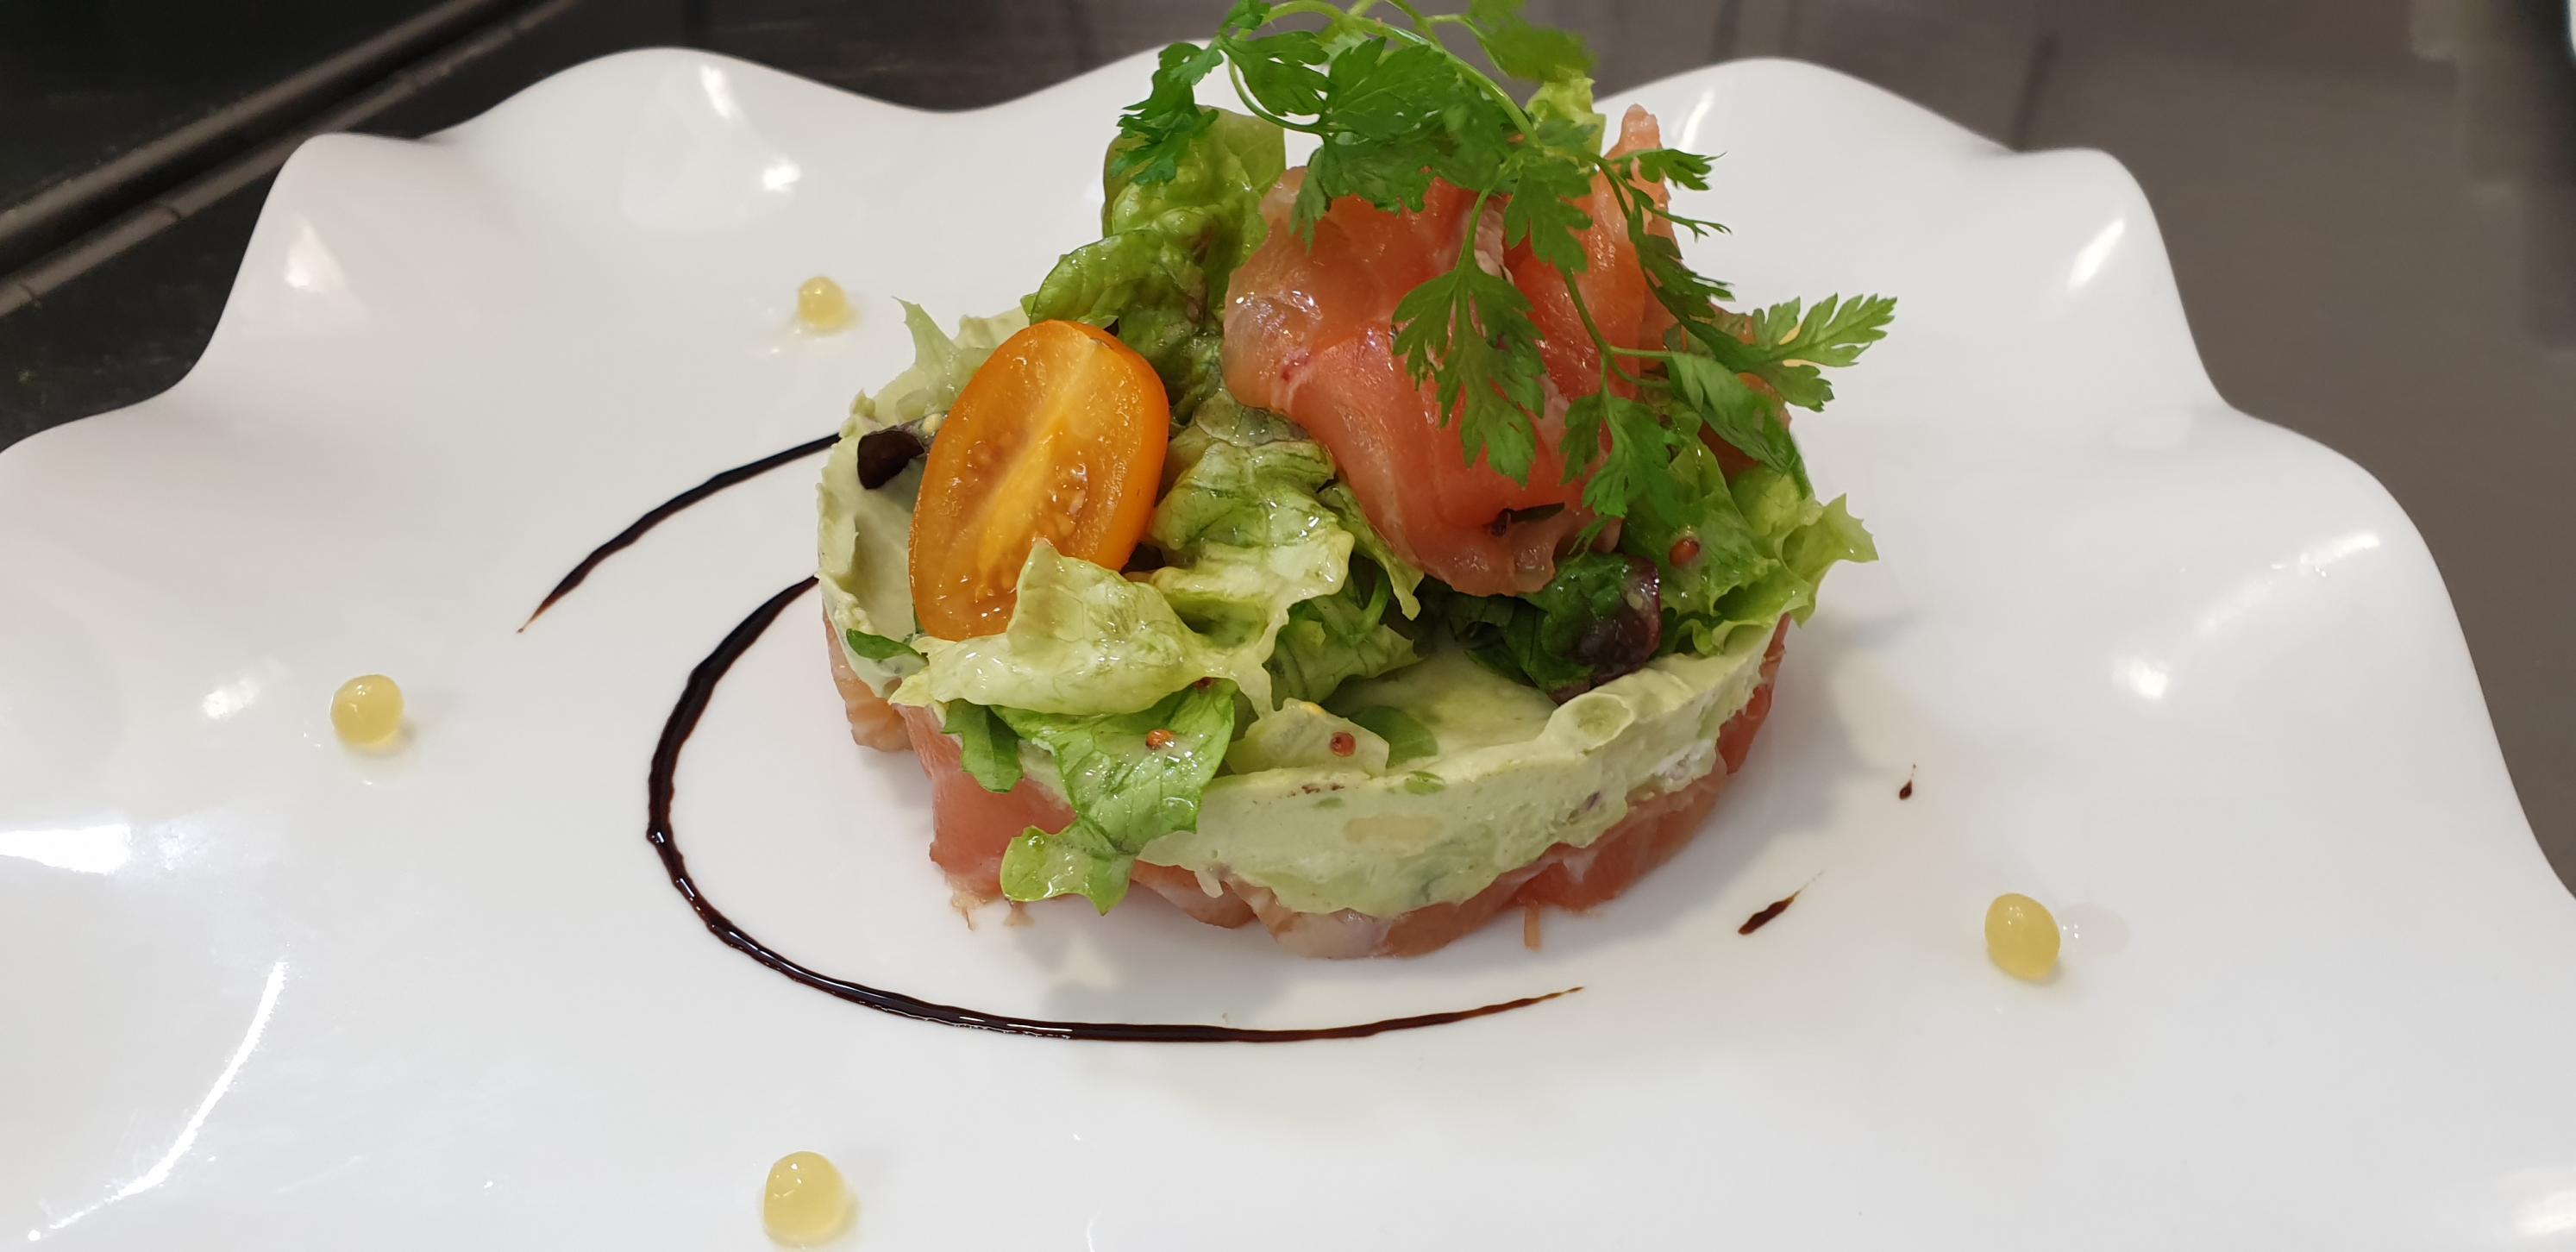 gravelax de saumon et guacamole d'avocat